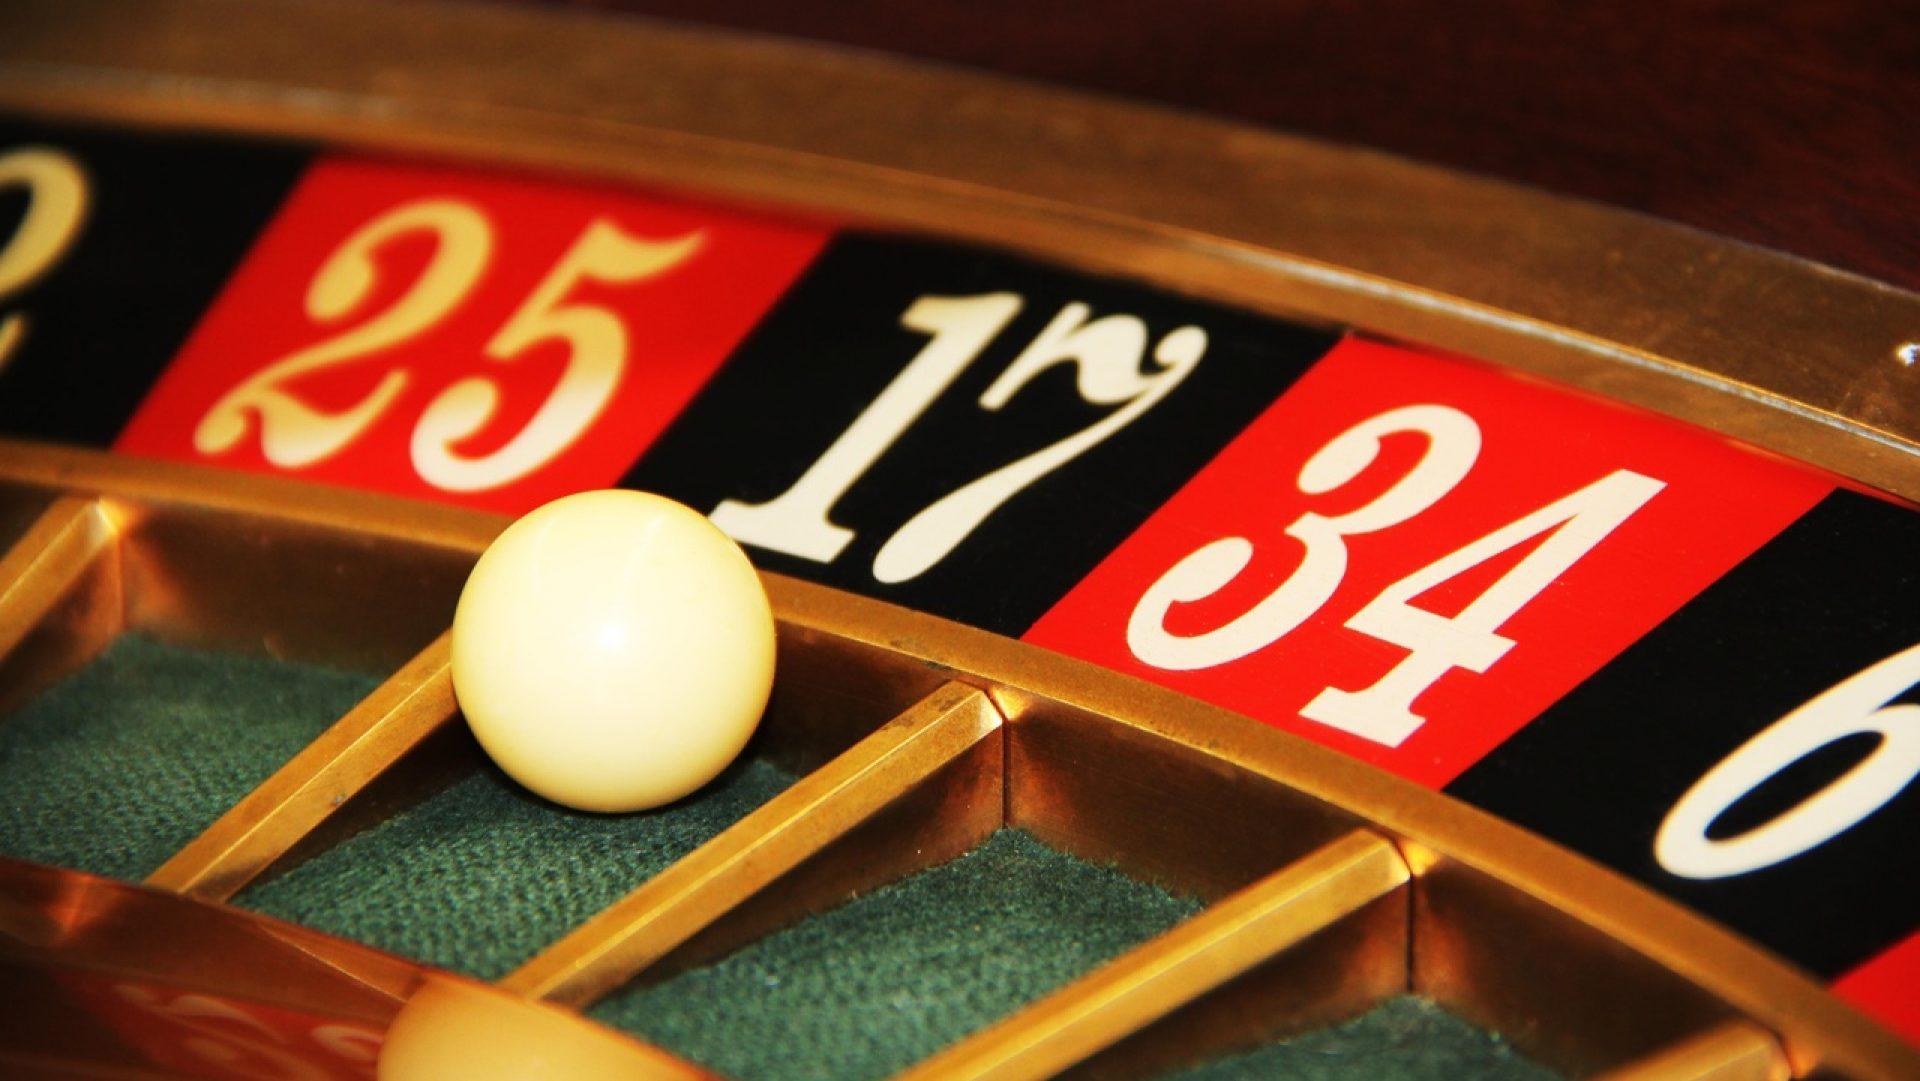 PokerLoversBlog